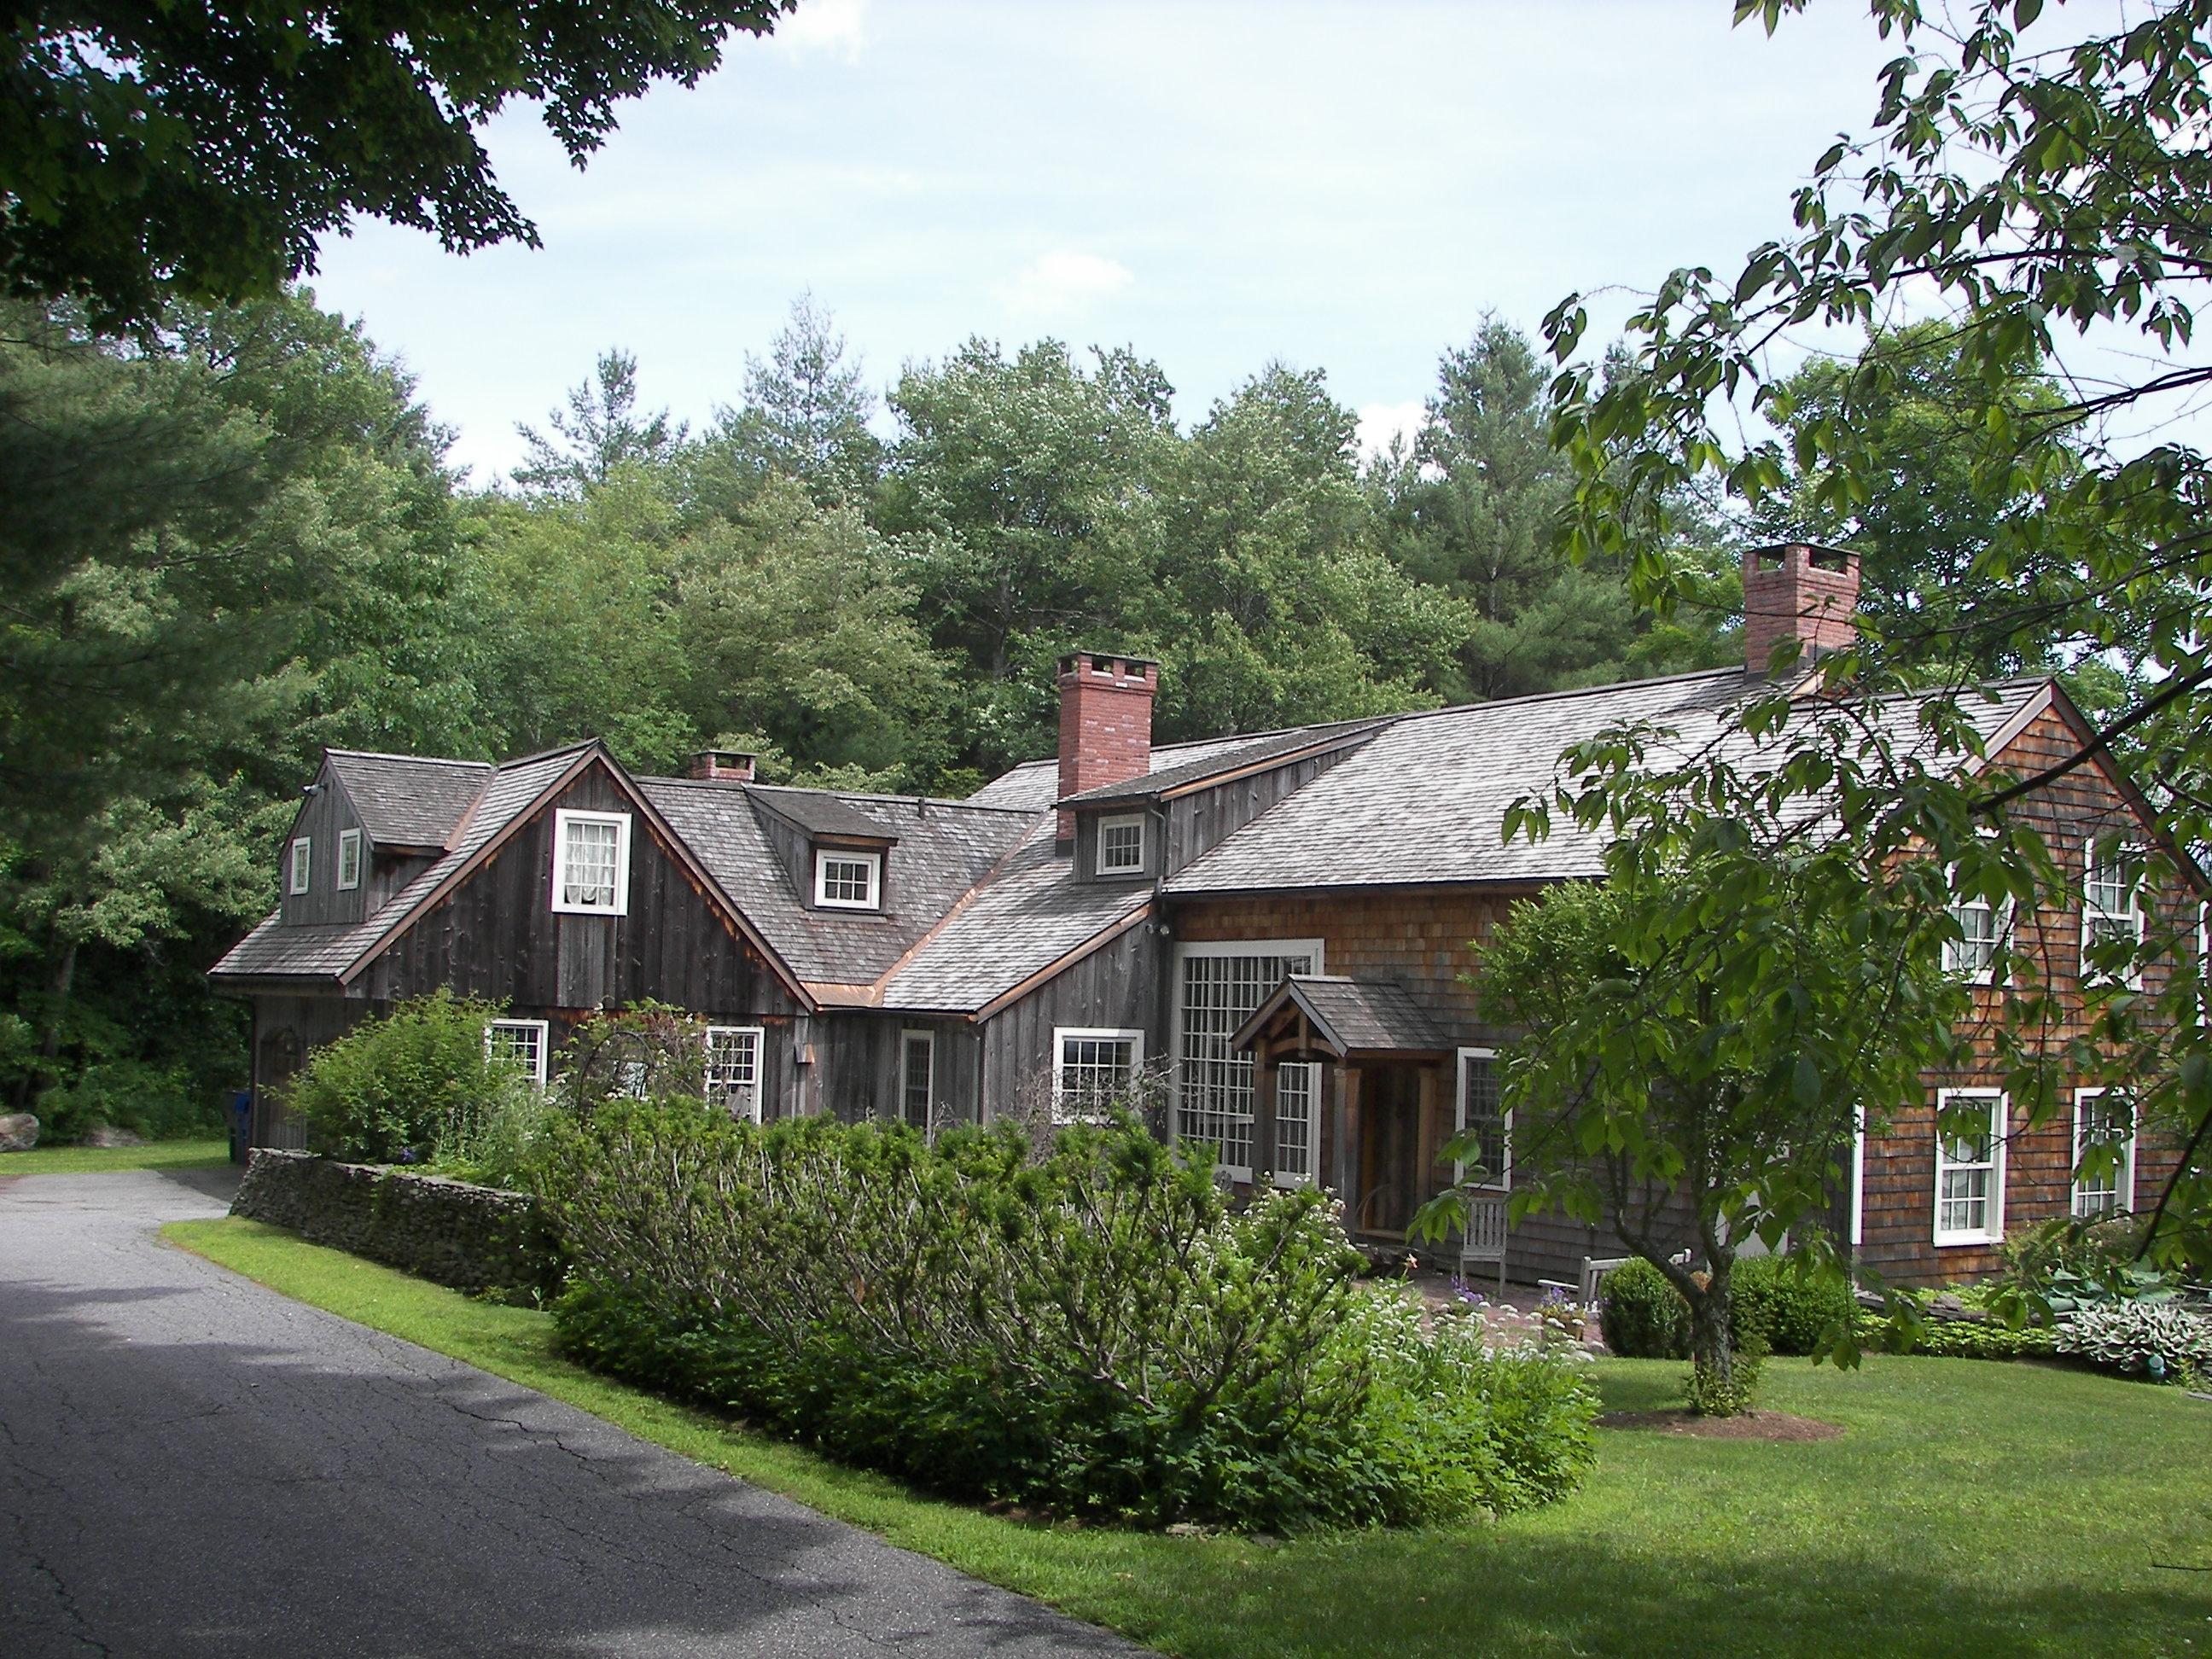 独户住宅 为 销售 在 Classic 1899 Antique Barn Home 58 Saw Mill Rd 利奇菲尔德, 康涅狄格州, 06759 美国